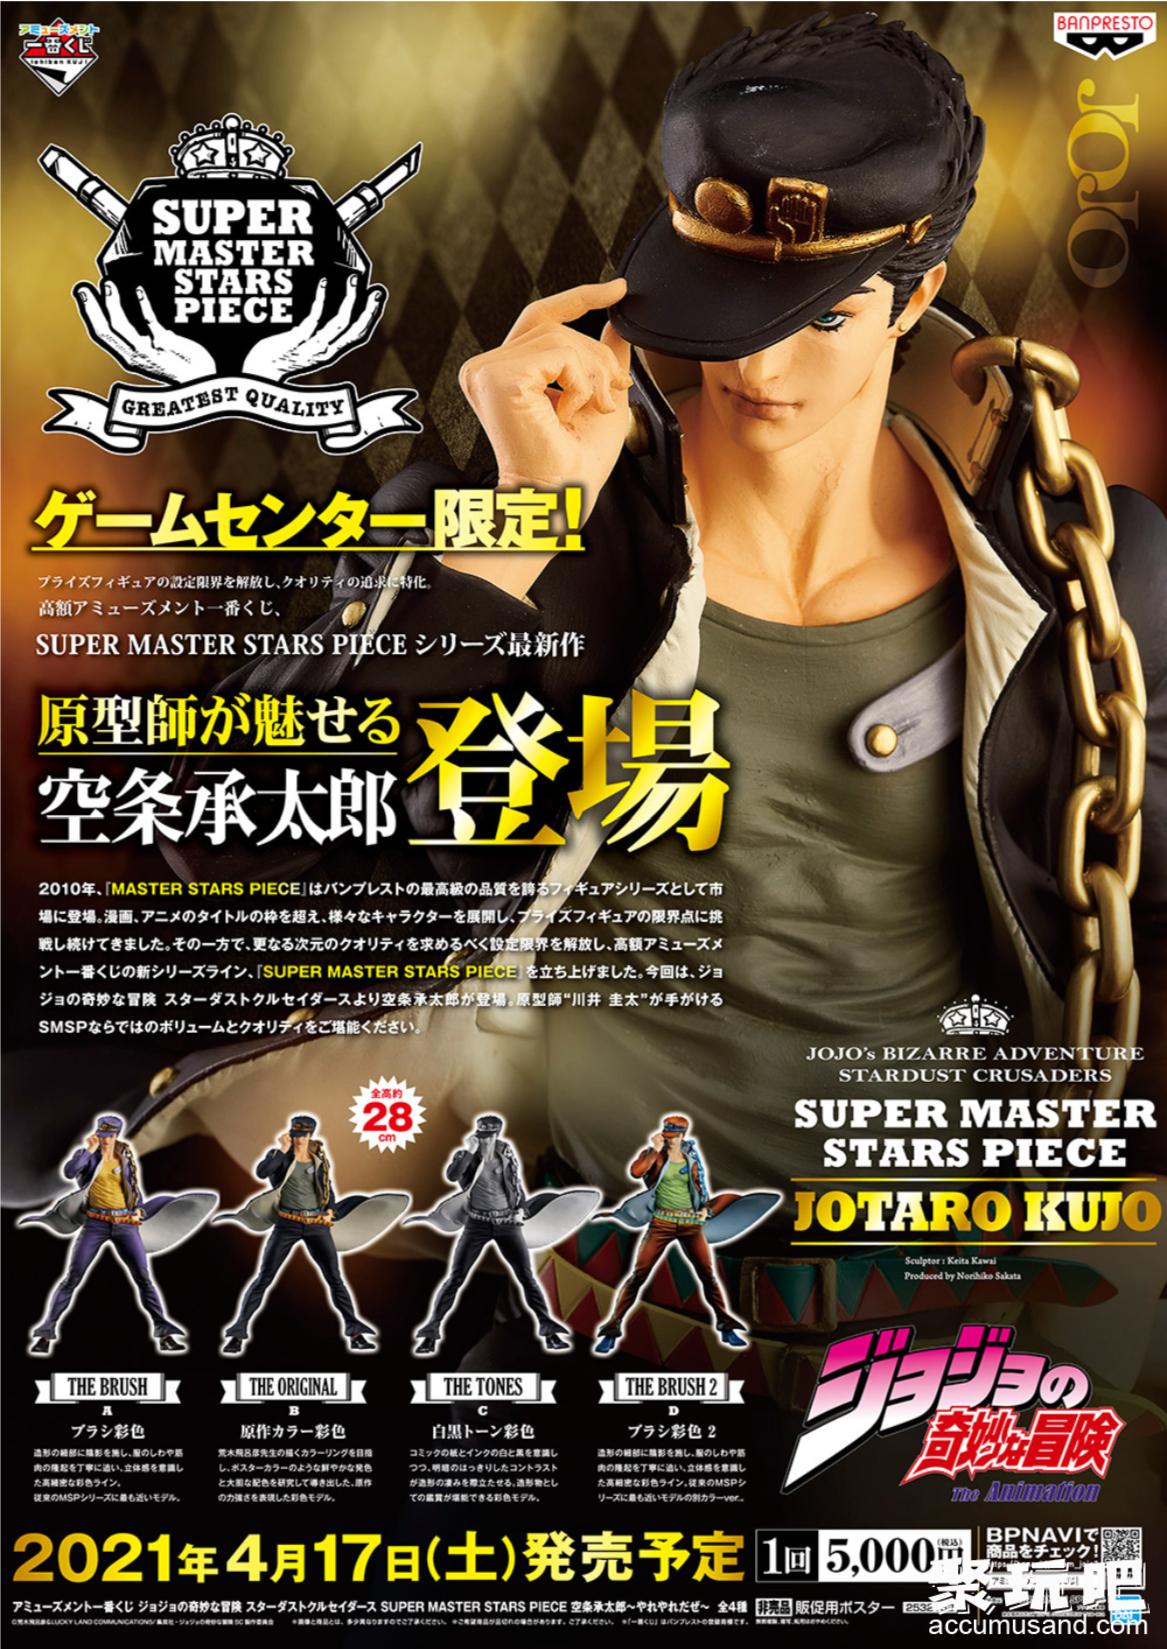 万代BANDAI「一番赏」《JOJO的奇妙冒险》空条承太郎PVC景品,哎呀呀!